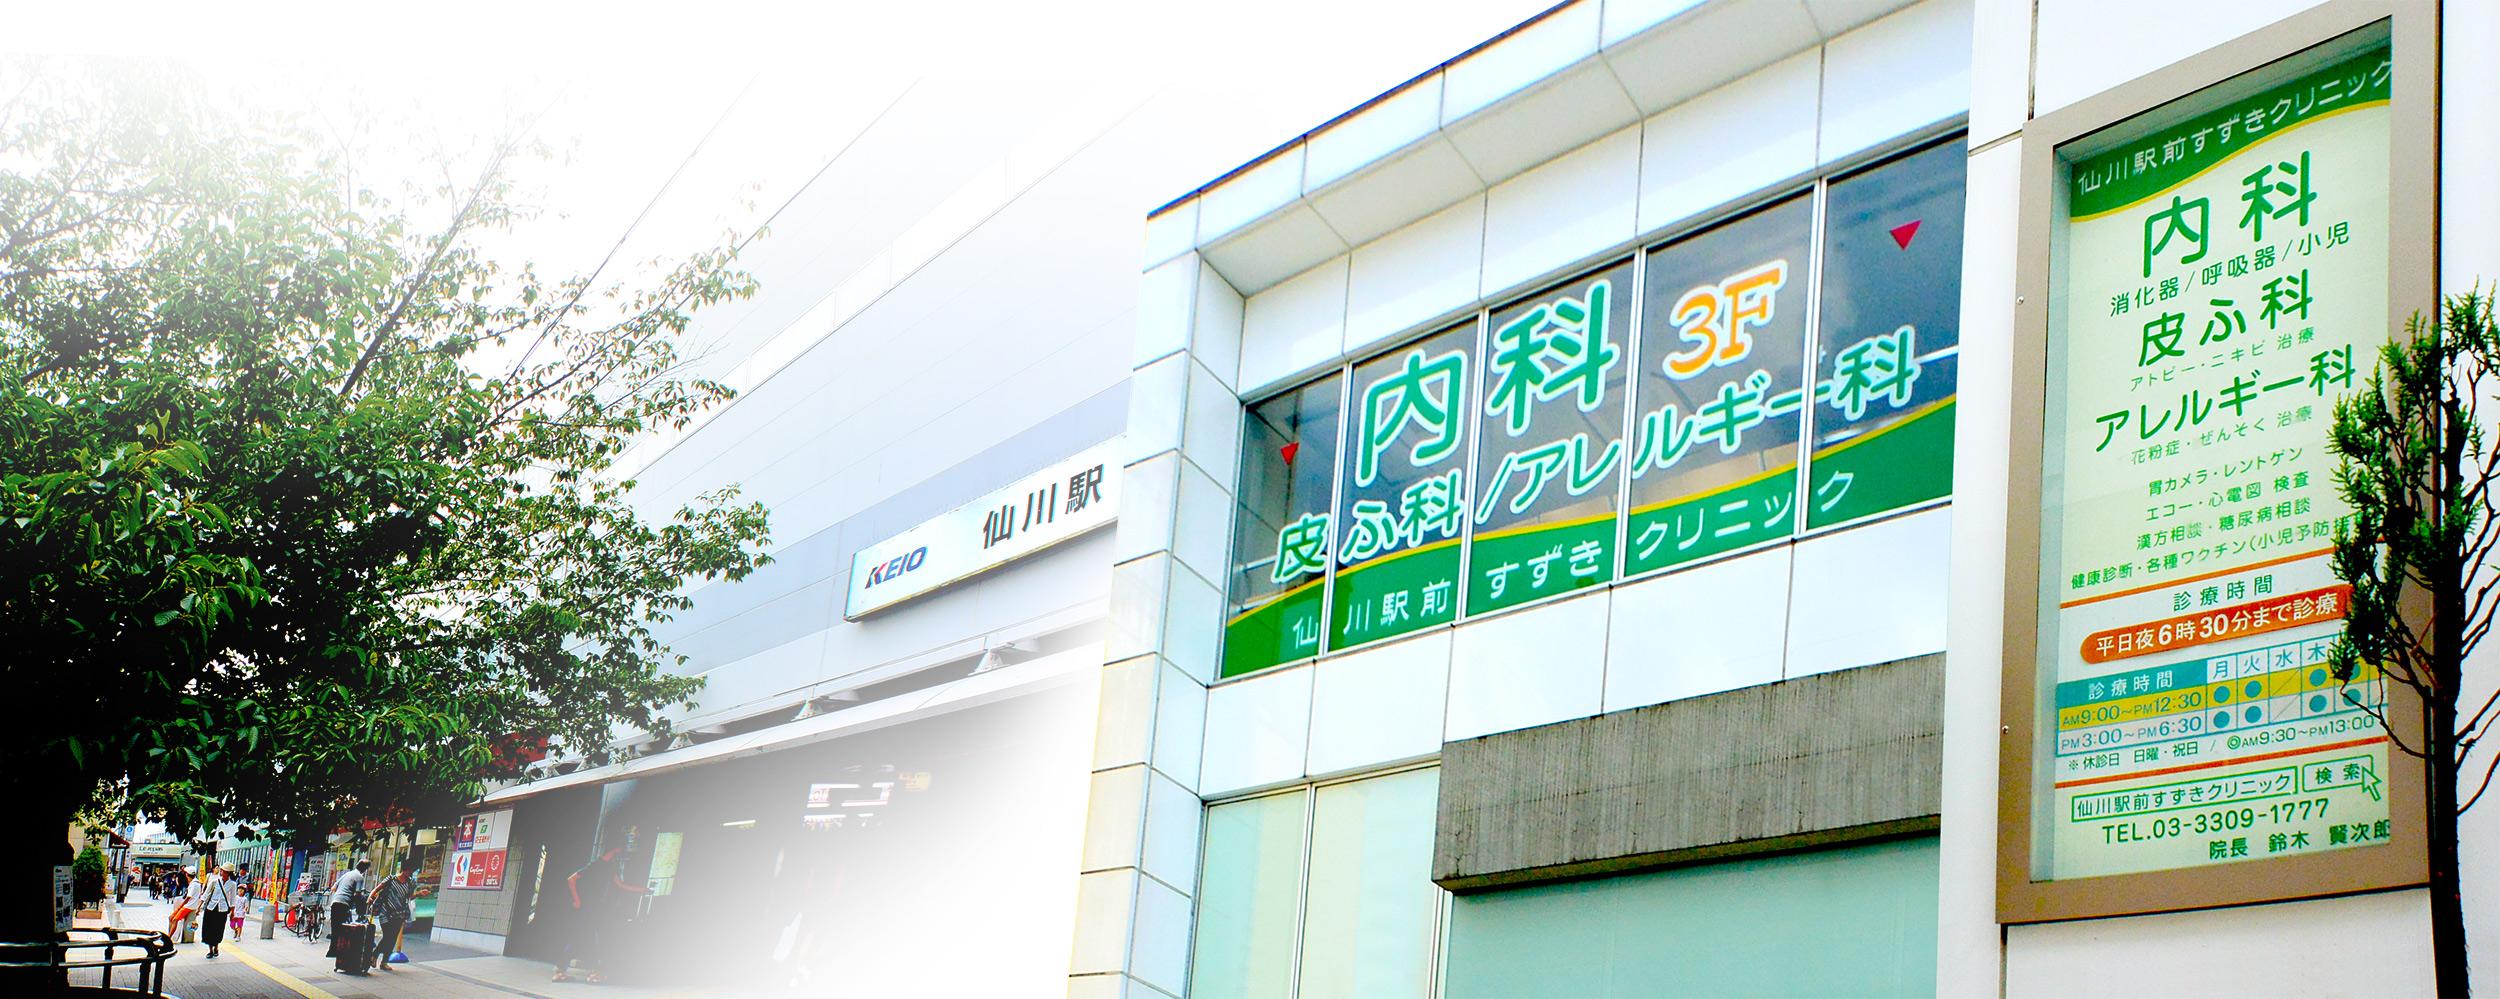 仙川駅前すずきクリニック|クリニック外観写真